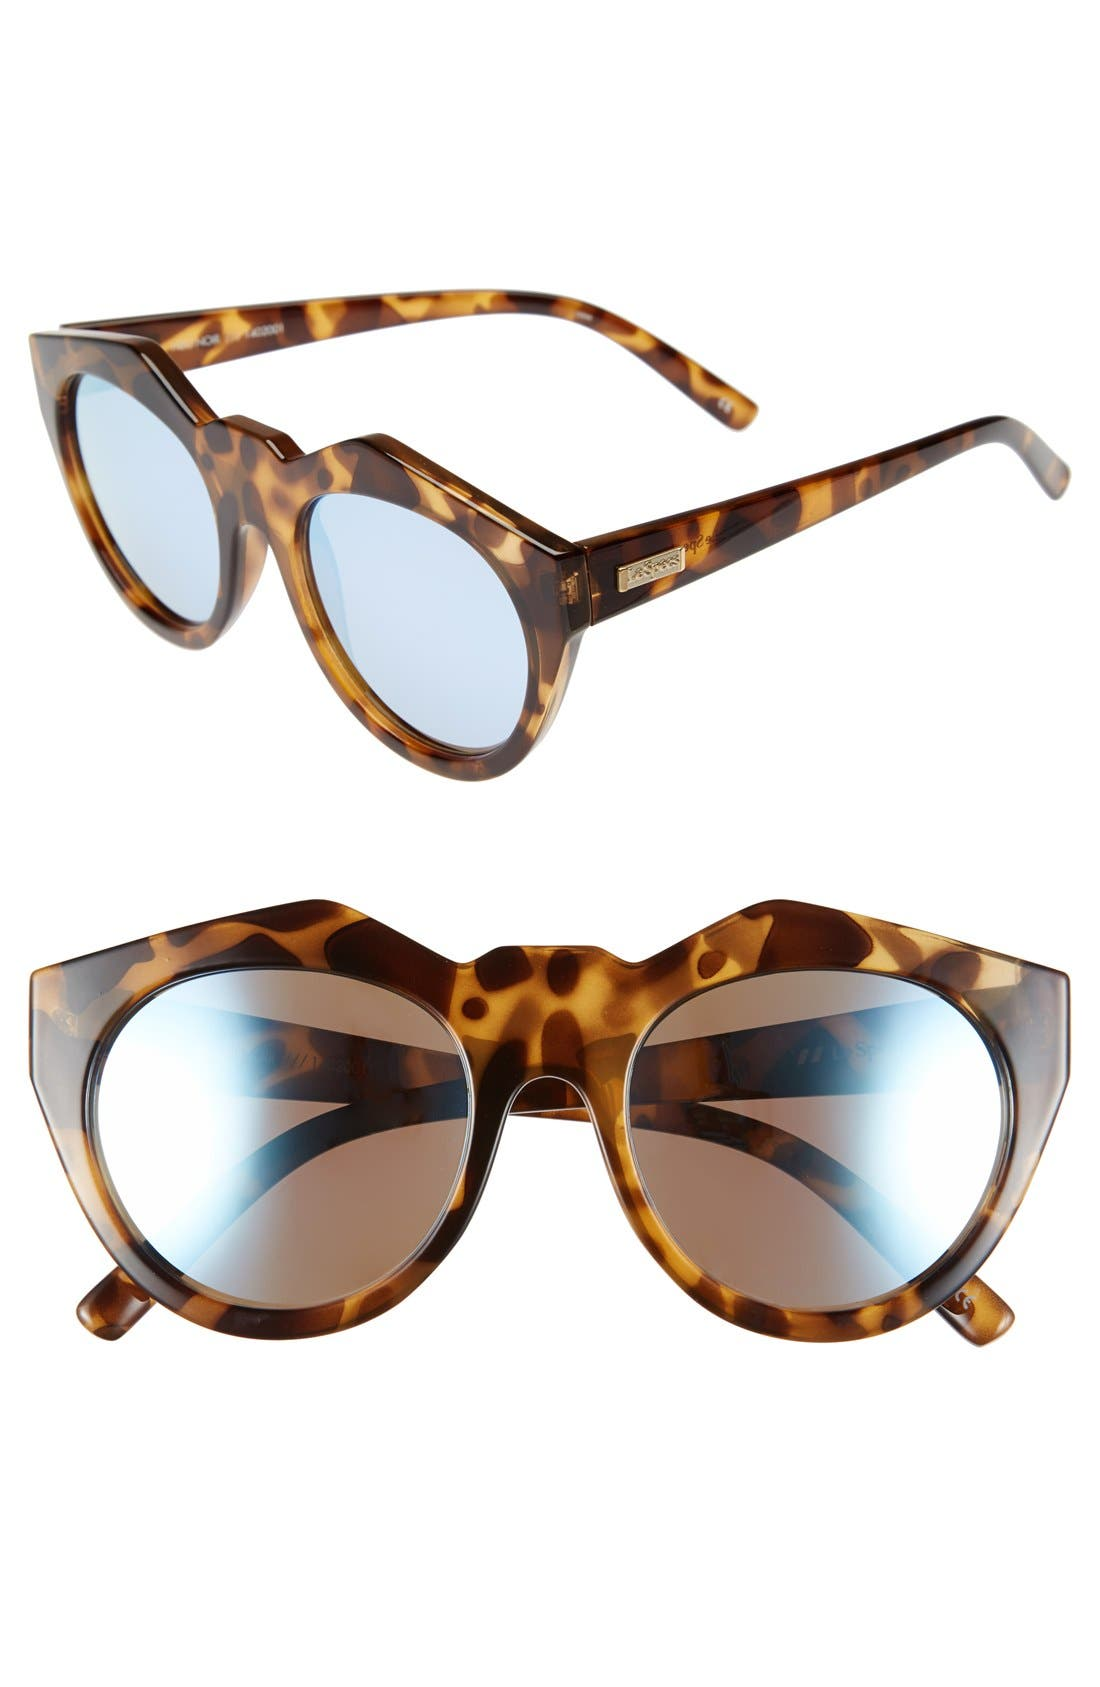 Main Image - Le Specs 'Neo Noir' 53mm Oversized Sunglasses